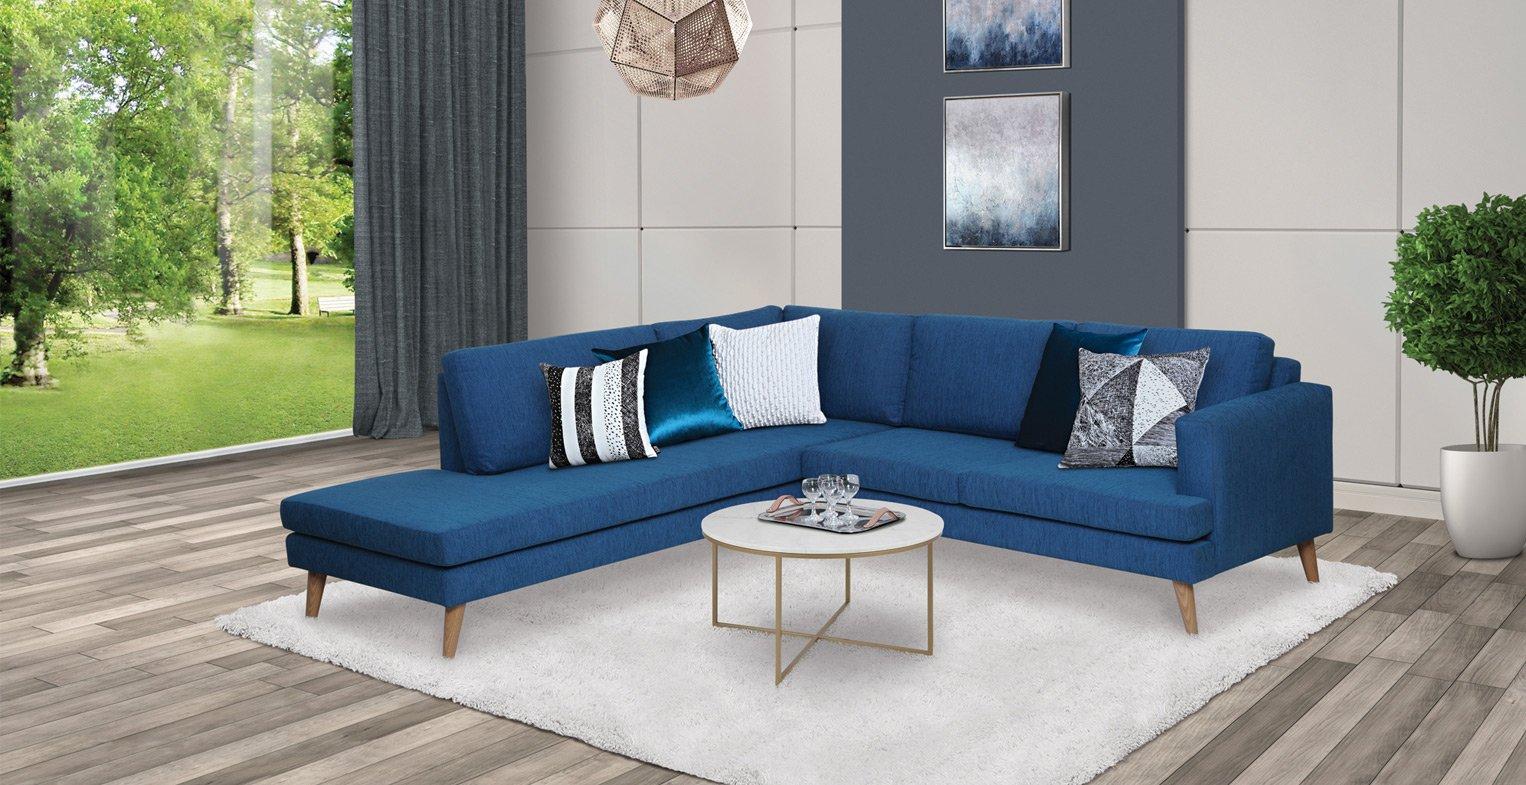 Sofas Auckland New Zealand Refil Sofa